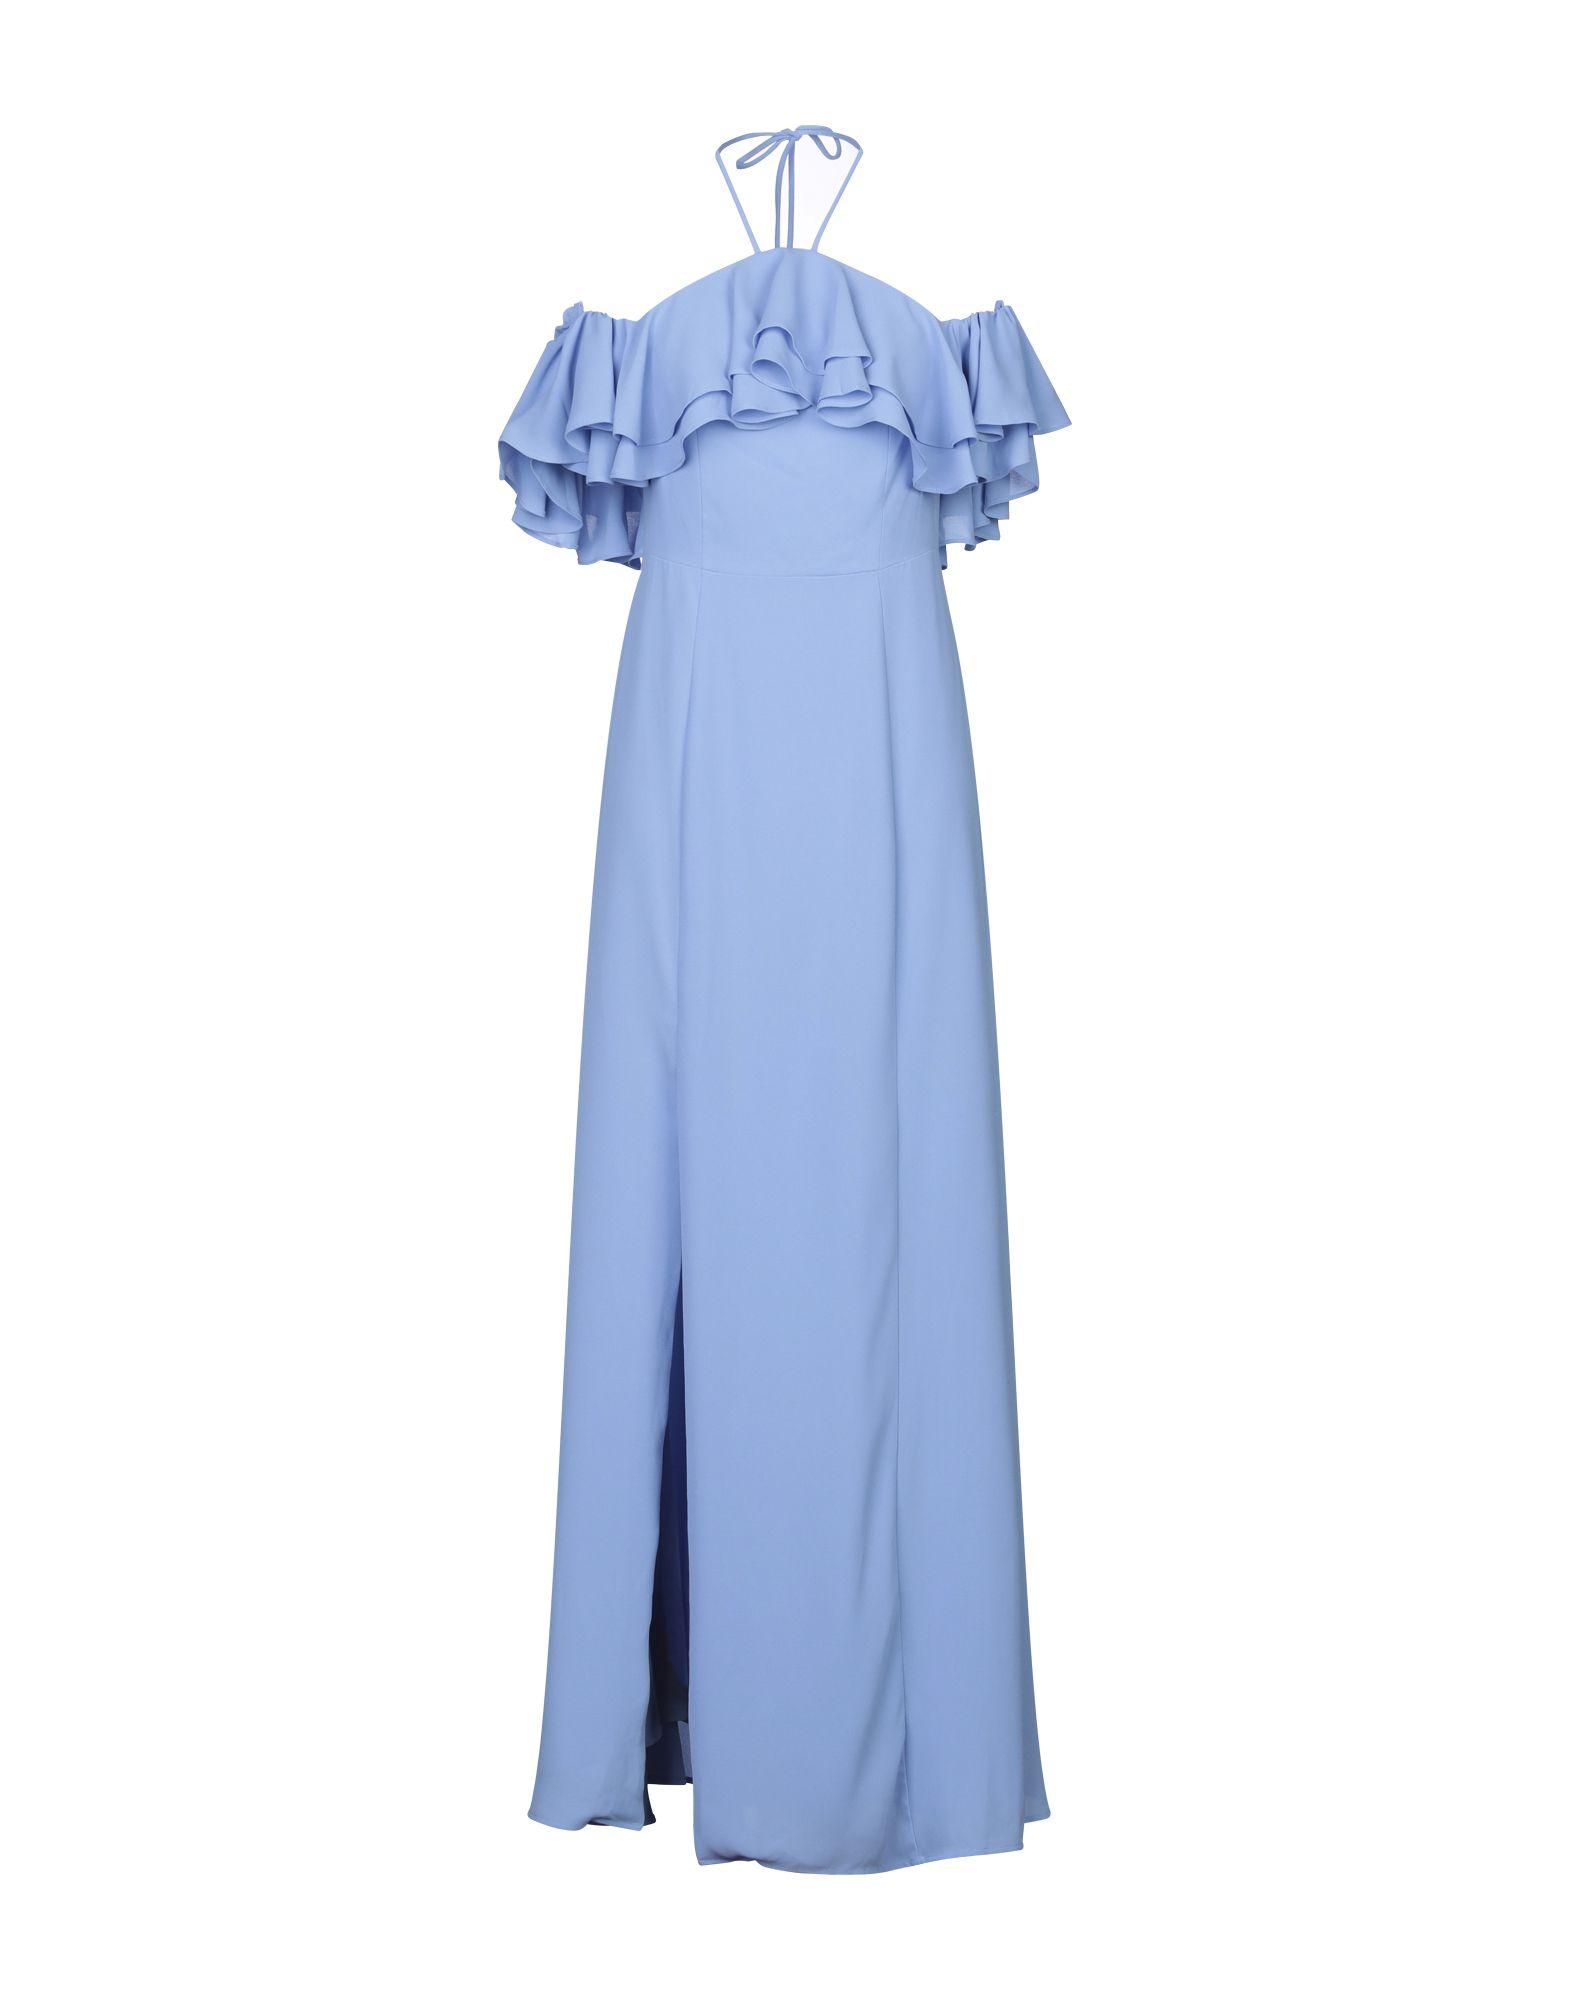 《セール開催中》BY MALINA レディース ロングワンピース&ドレス アジュールブルー XS ポリエステル 100%